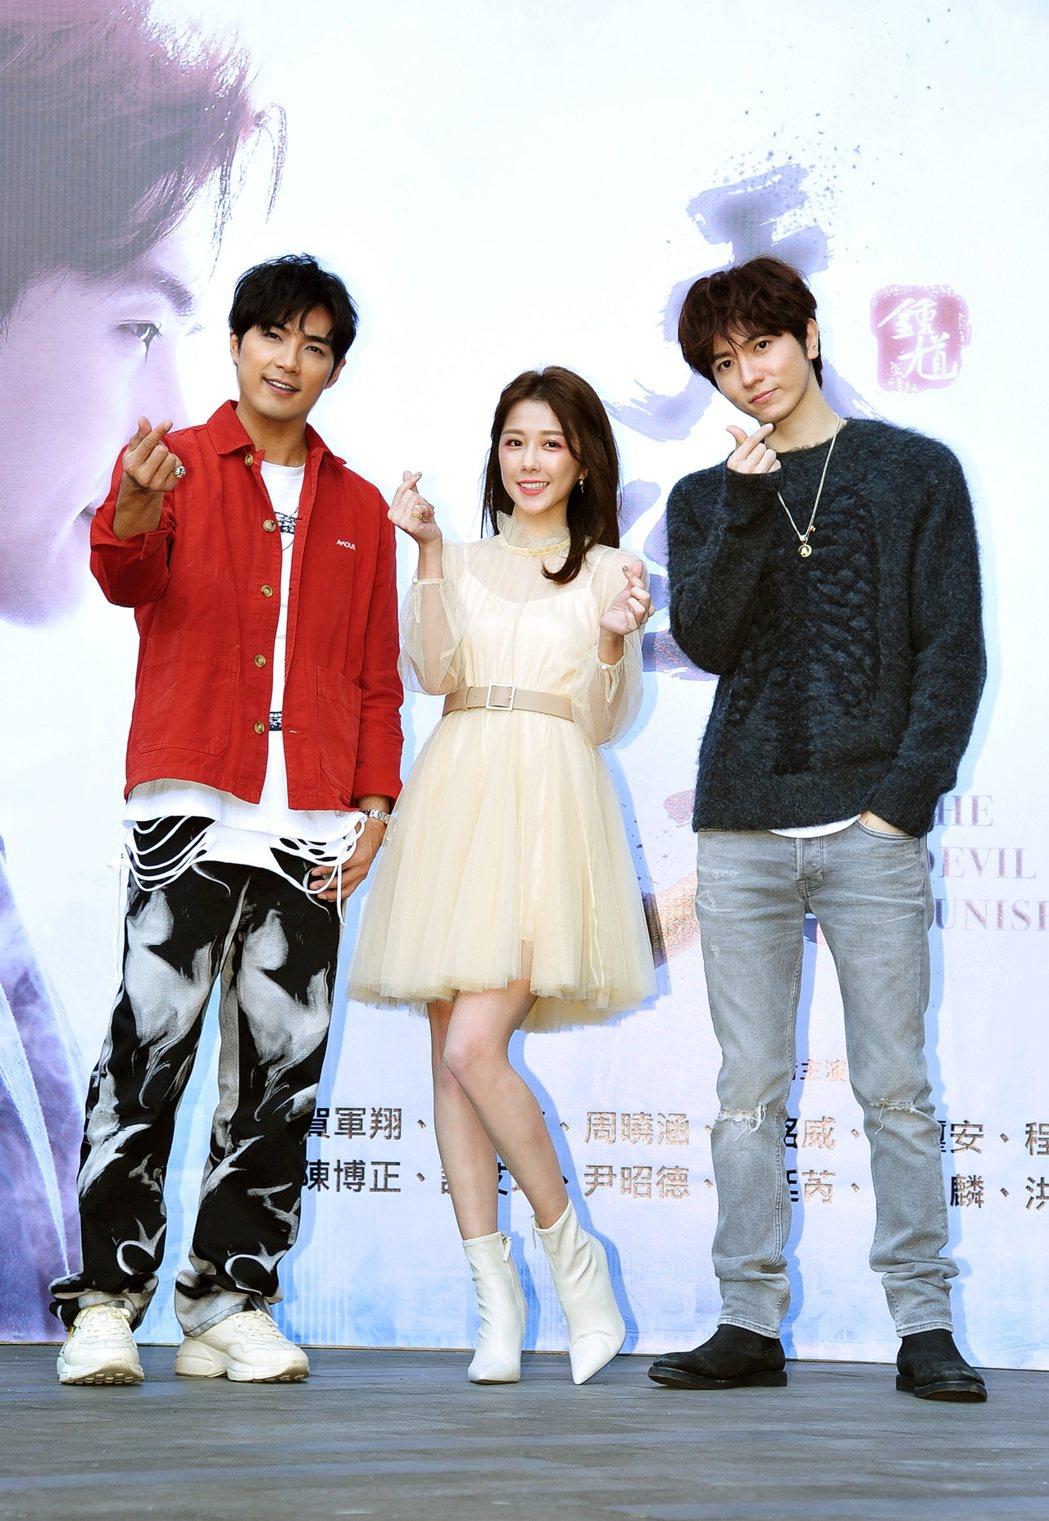 賀軍翔(左起)、邵雨薇、陳璽安出席新戲「天巡者」粉絲見面會。圖/台視提供